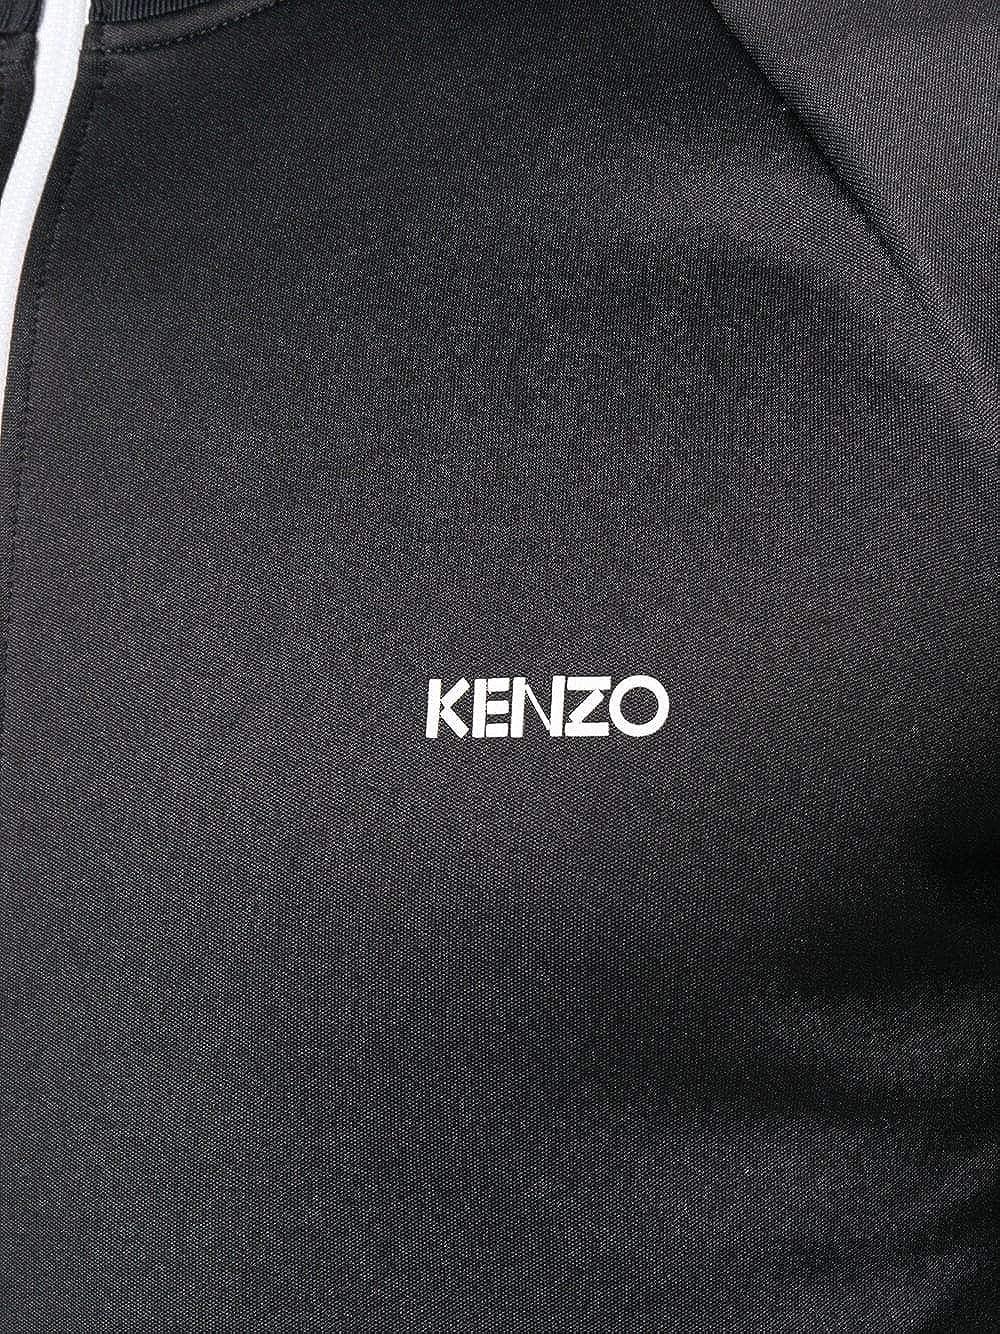 Kenzo Hombre F865bl7514ca99 Negro Poliéster Chaqueta: Amazon.es: Ropa y accesorios